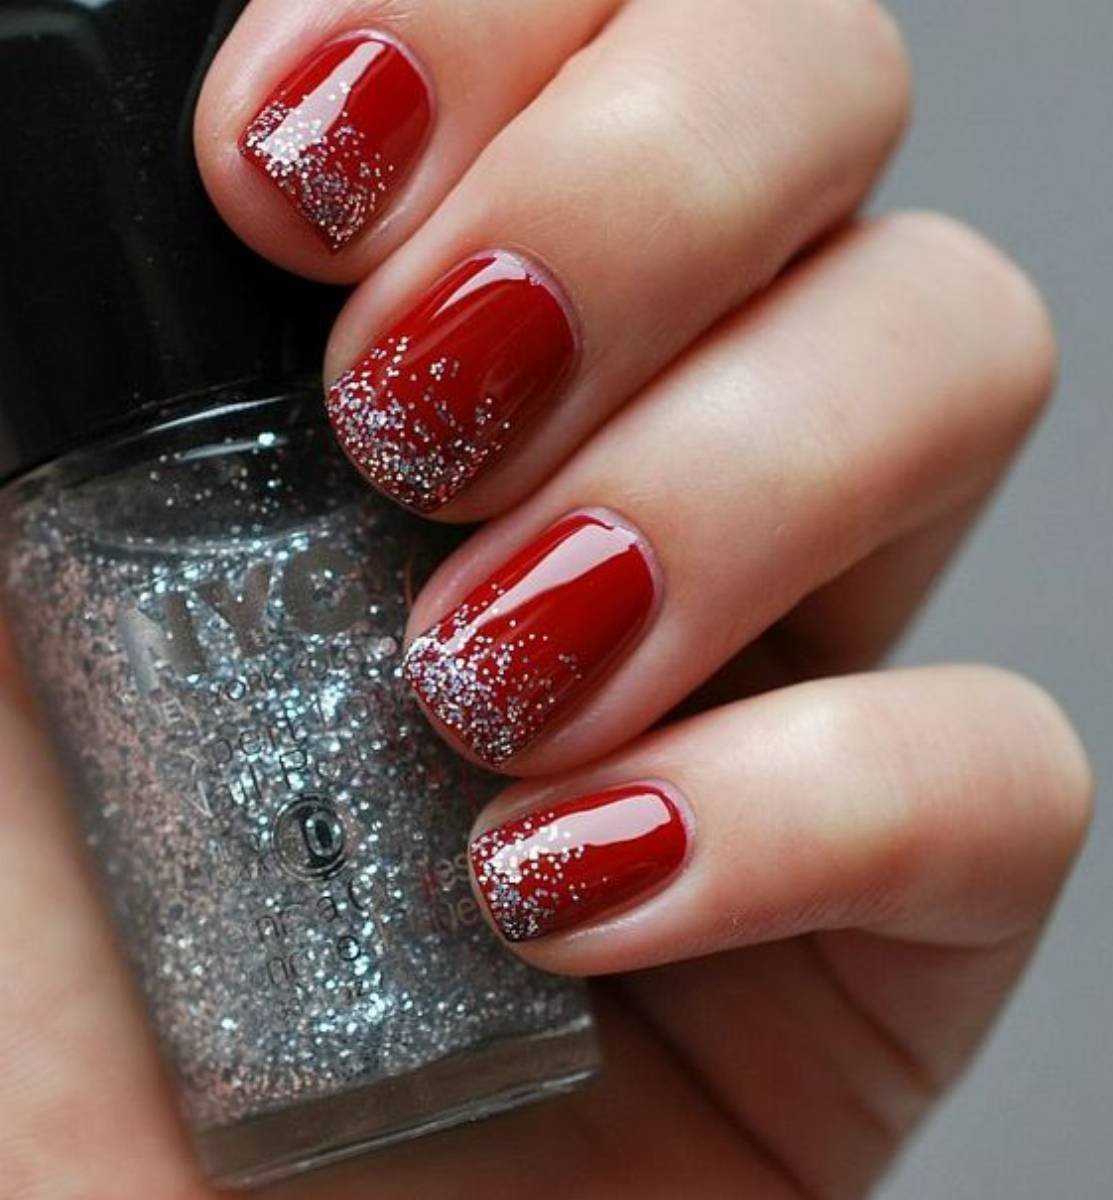 Красный лак с блестками фото ногтей